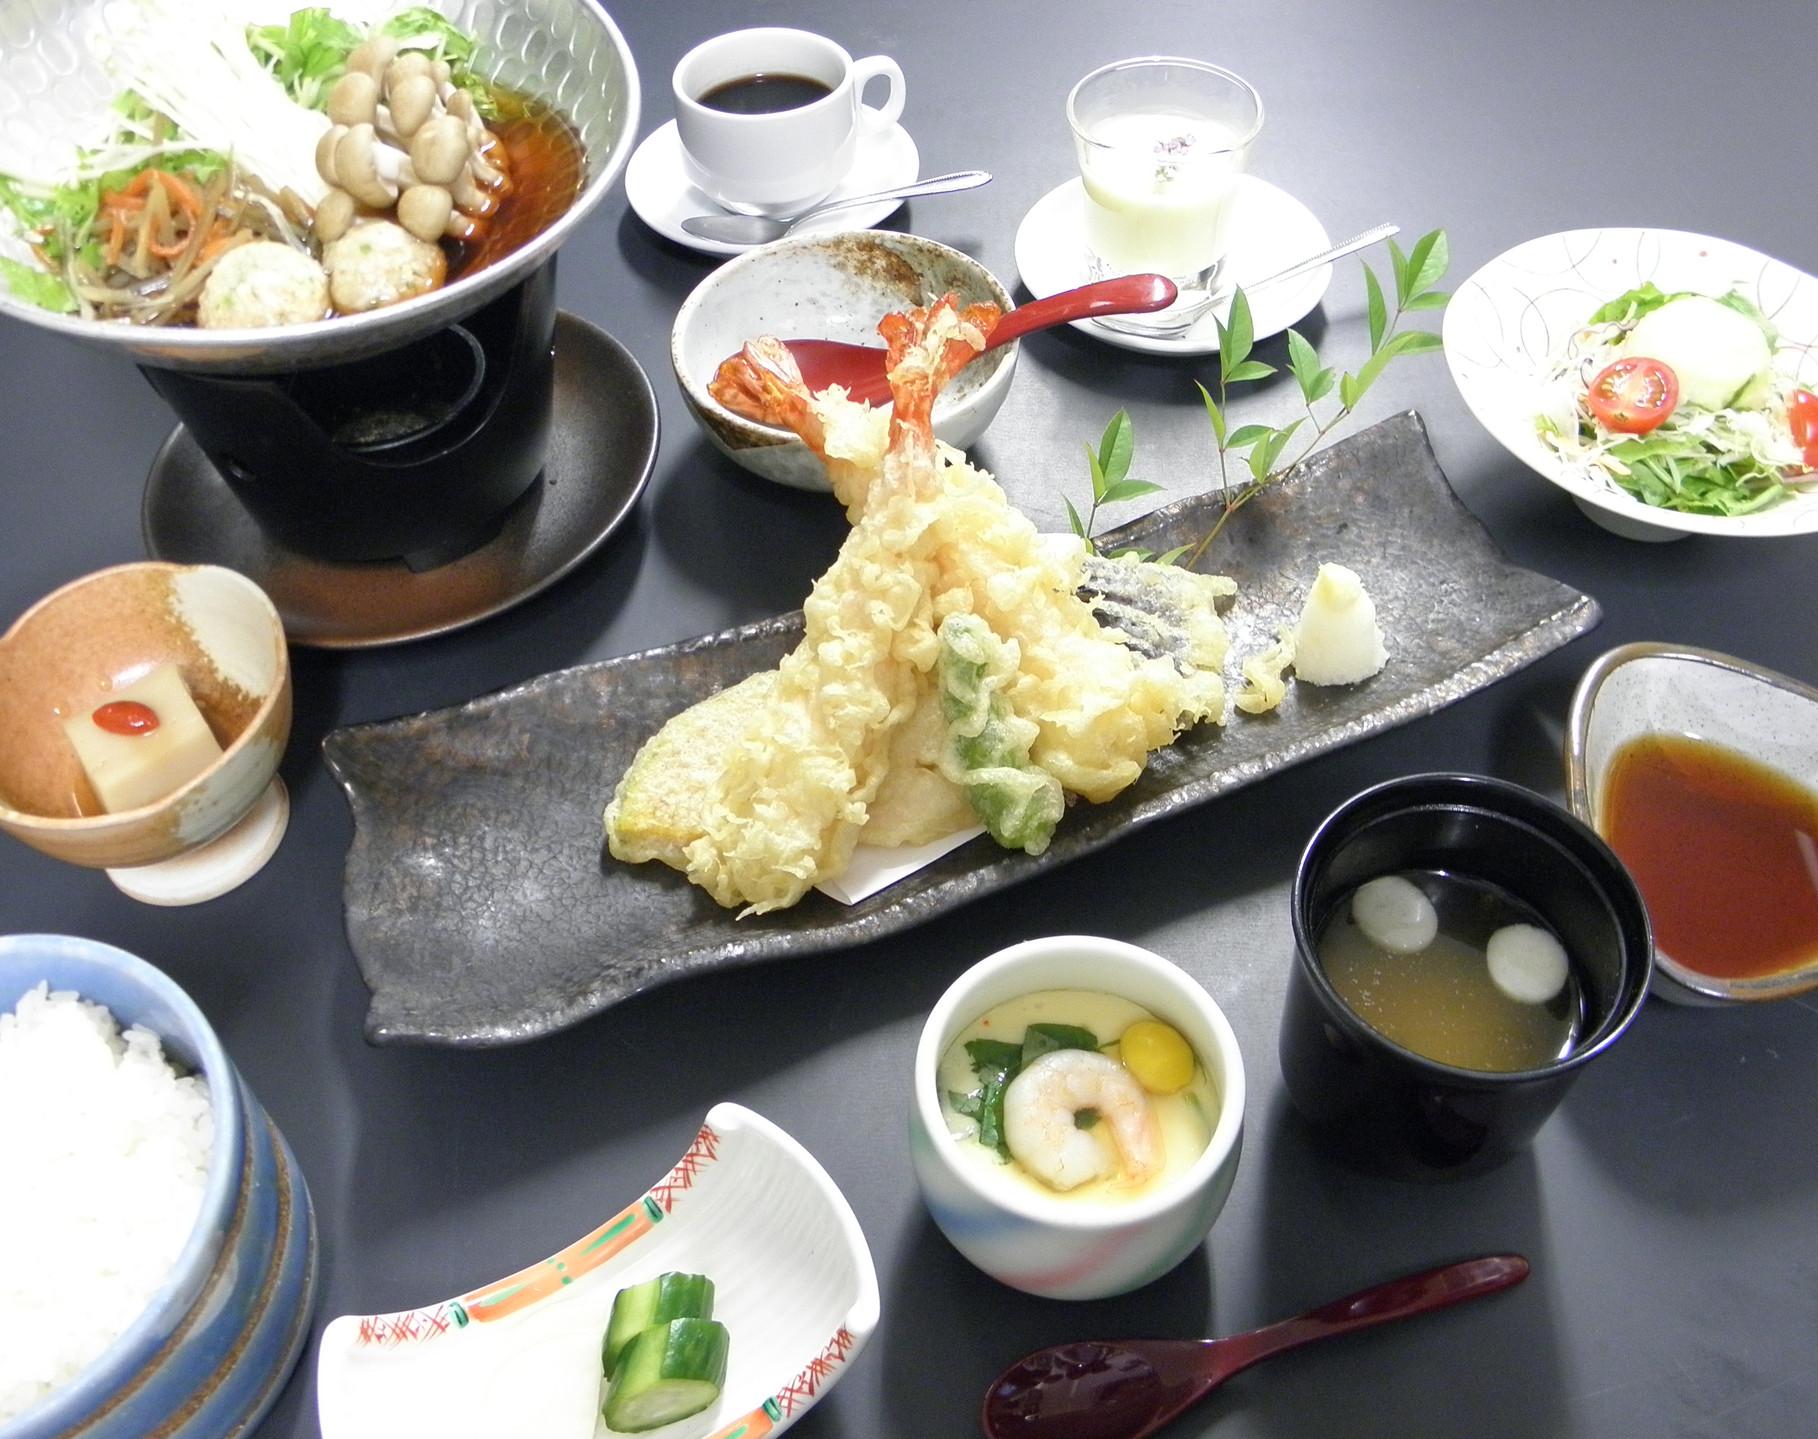 大海老天ぷら御膳 1,500円(税込)